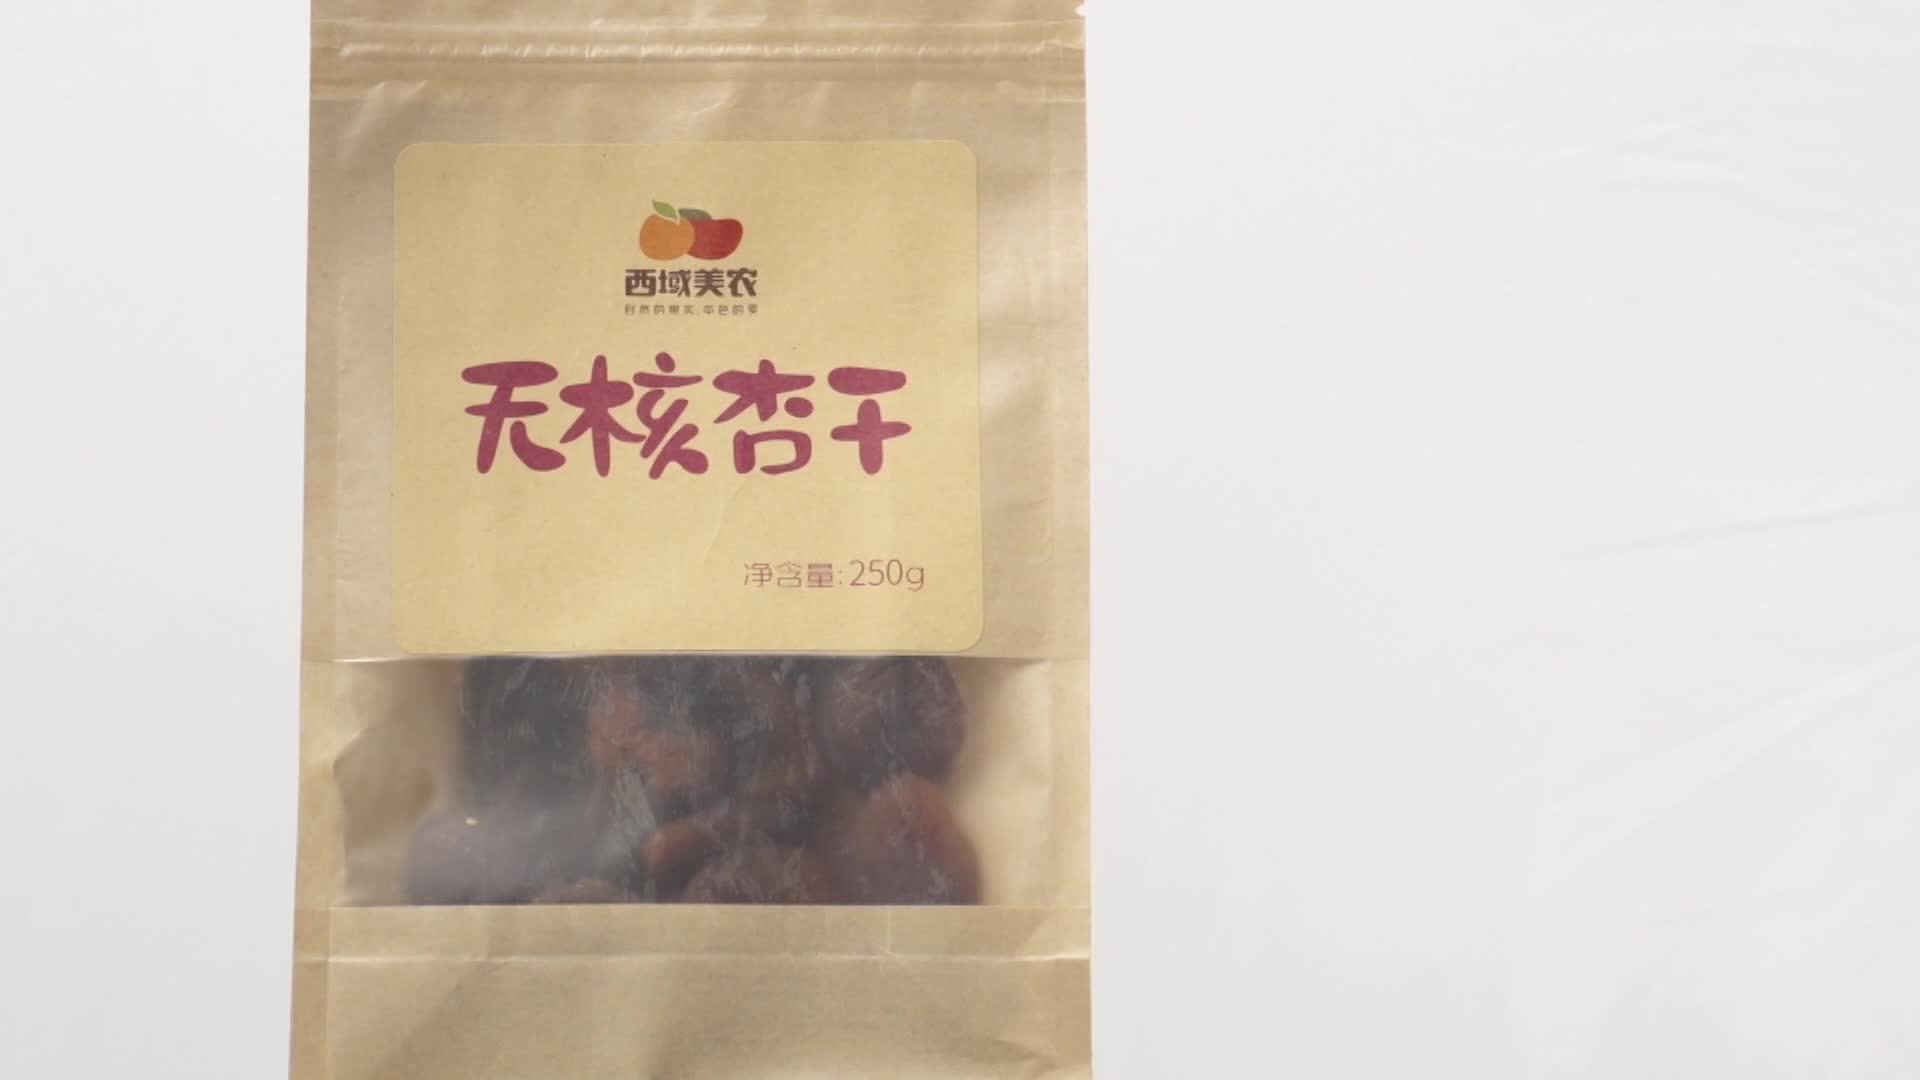 Китай питательный натуральный сушеный абрикос